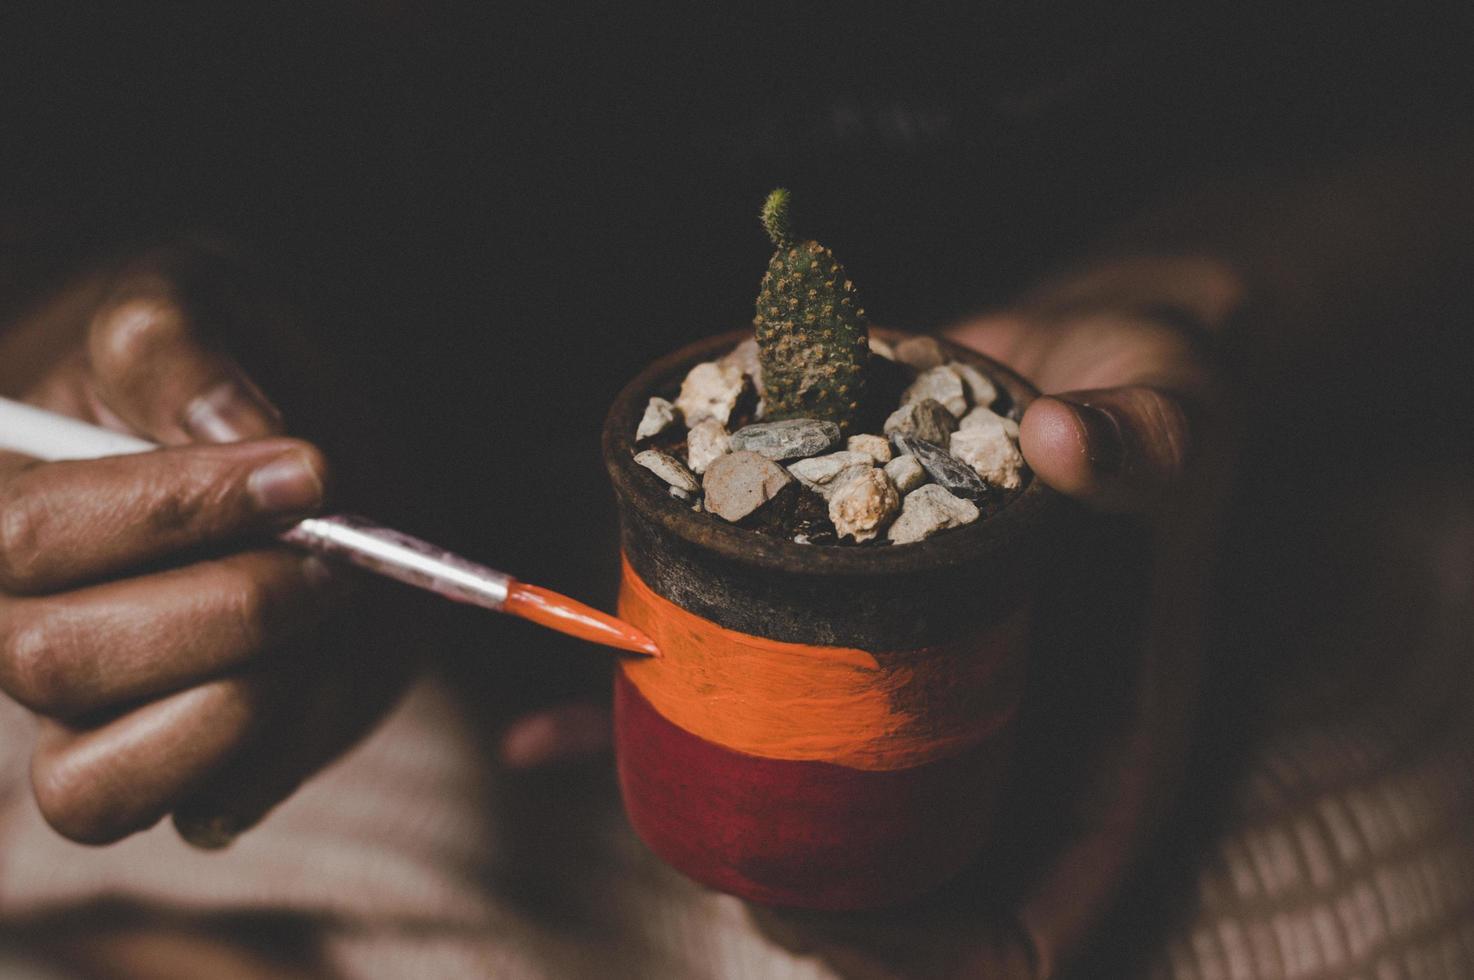 personne peignant un pot photo